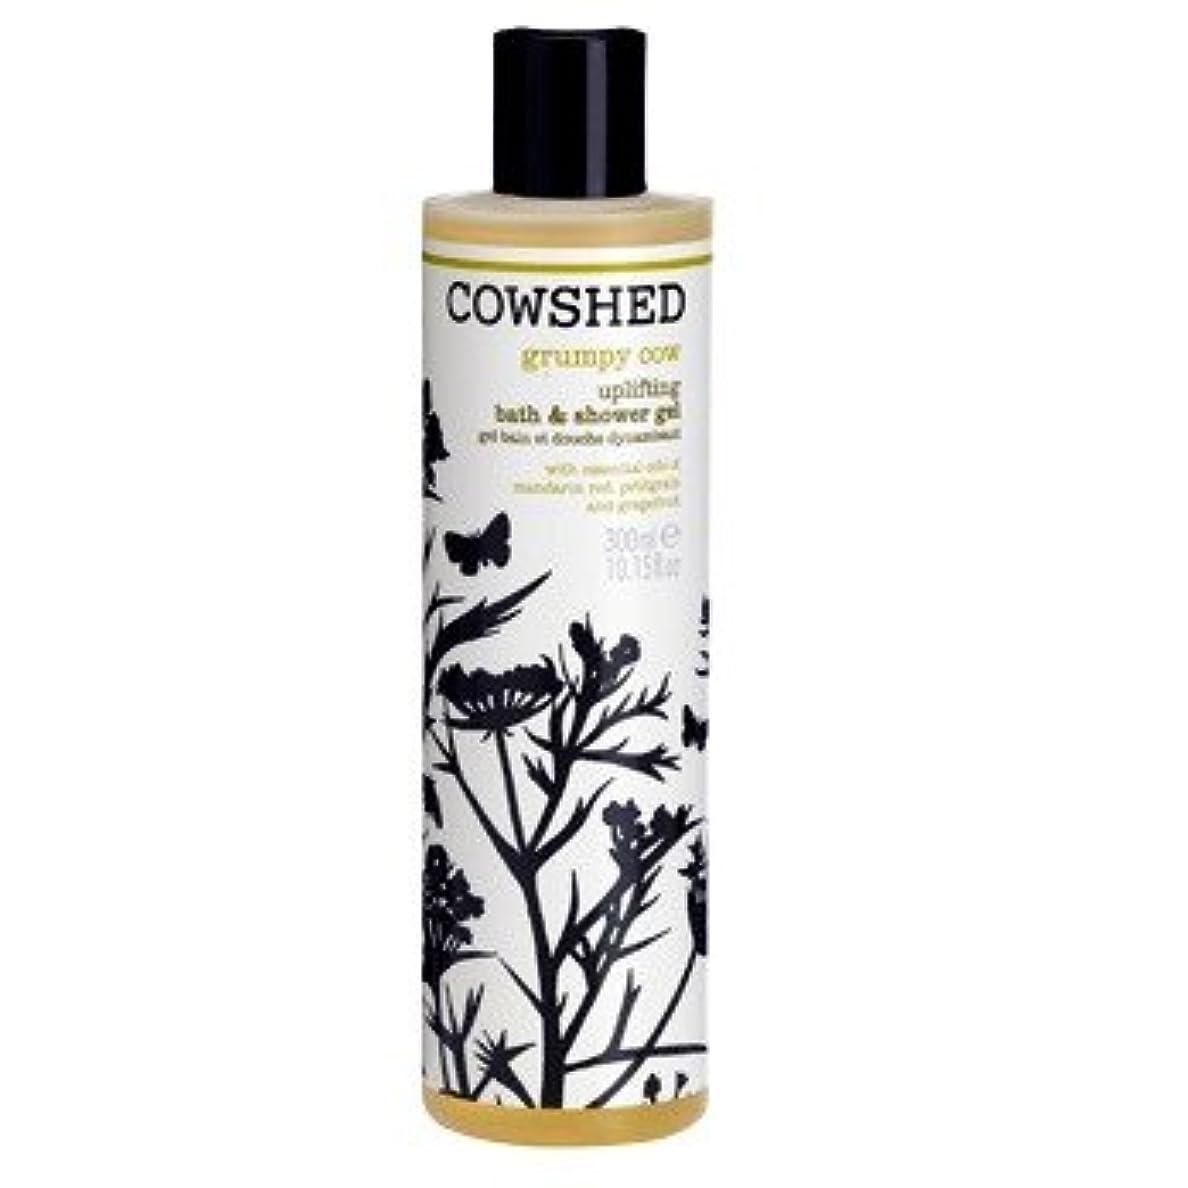 有毒な方法論編集者牛舎気難しい牛高揚バス&シャワージェル300ミリリットル (Cowshed) - Cowshed Grumpy Cow Uplifting Bath & Shower Gel 300ml [並行輸入品]